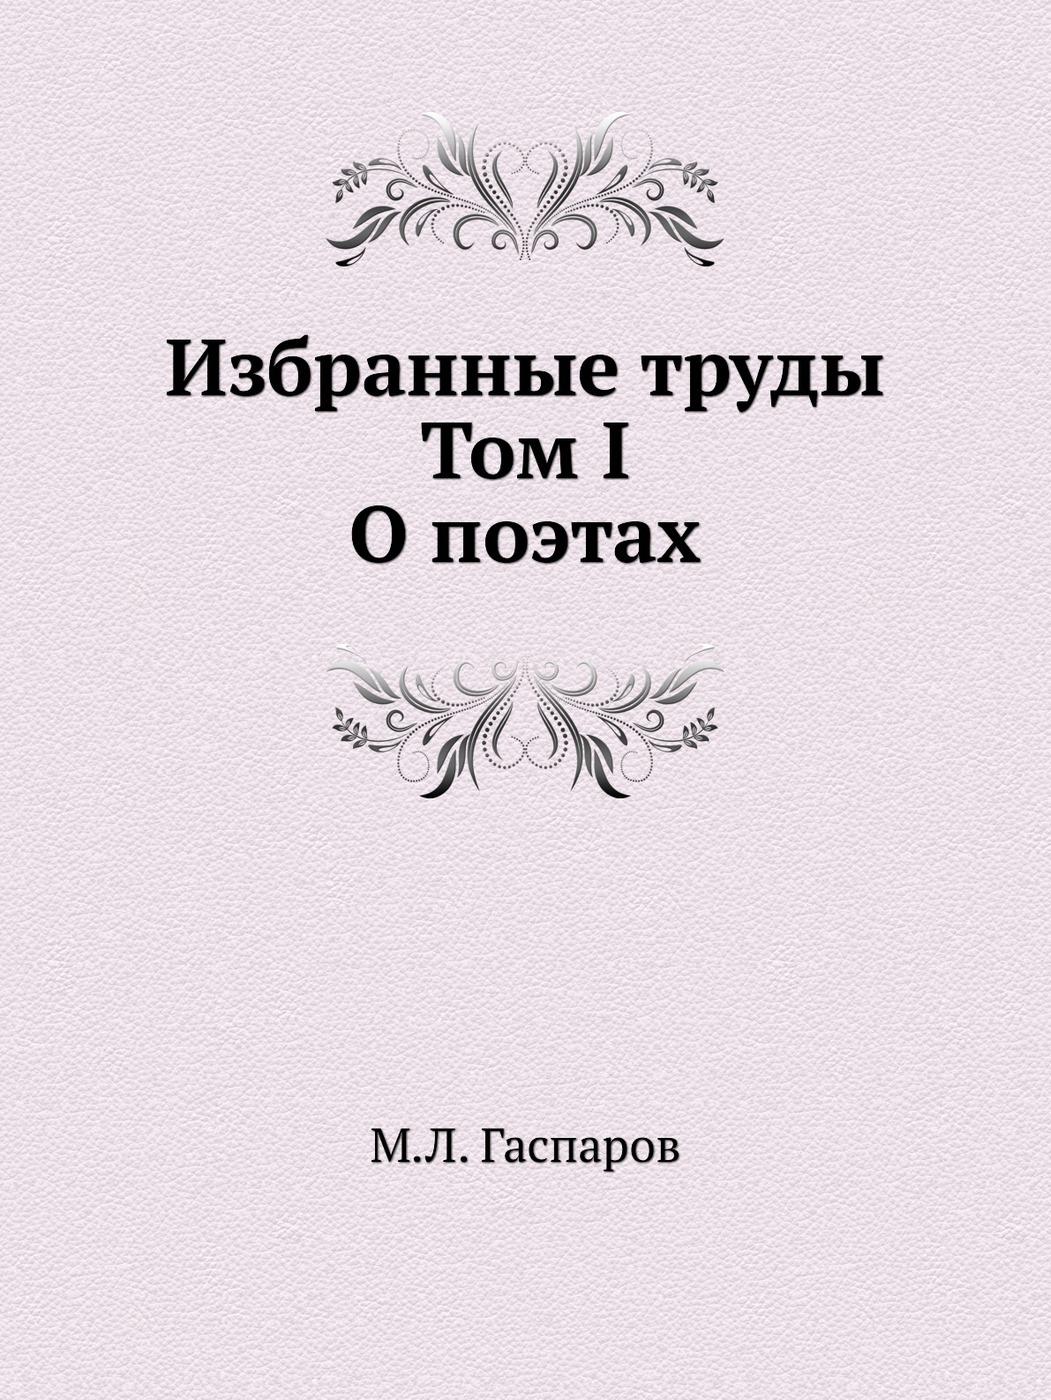 М.Л. Гаспаров Избранные труды. Том I. О поэтах